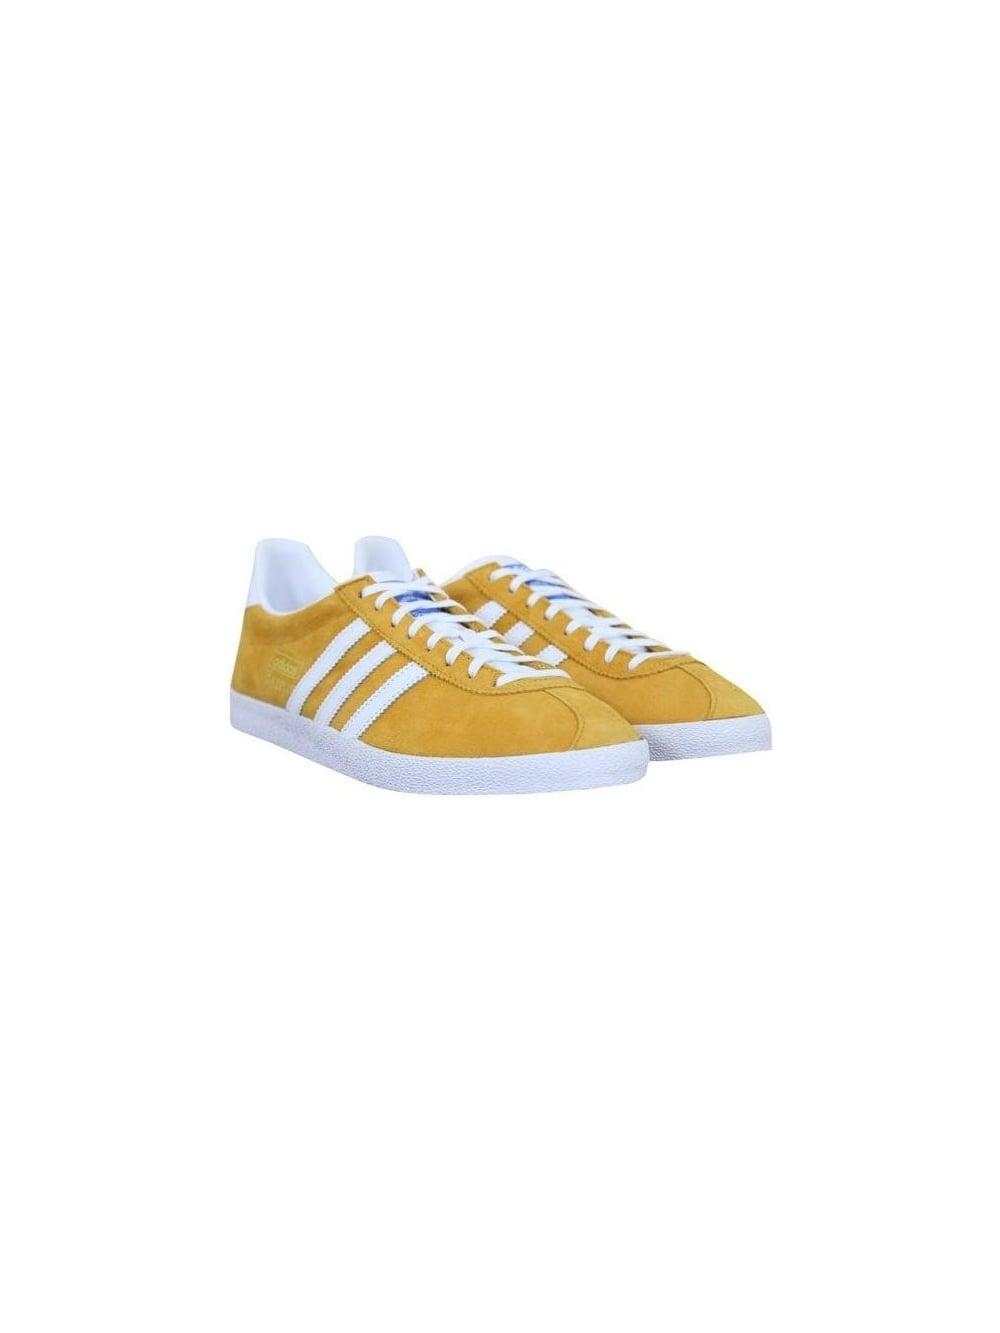 Gazelle OG Trainers - Gold/White